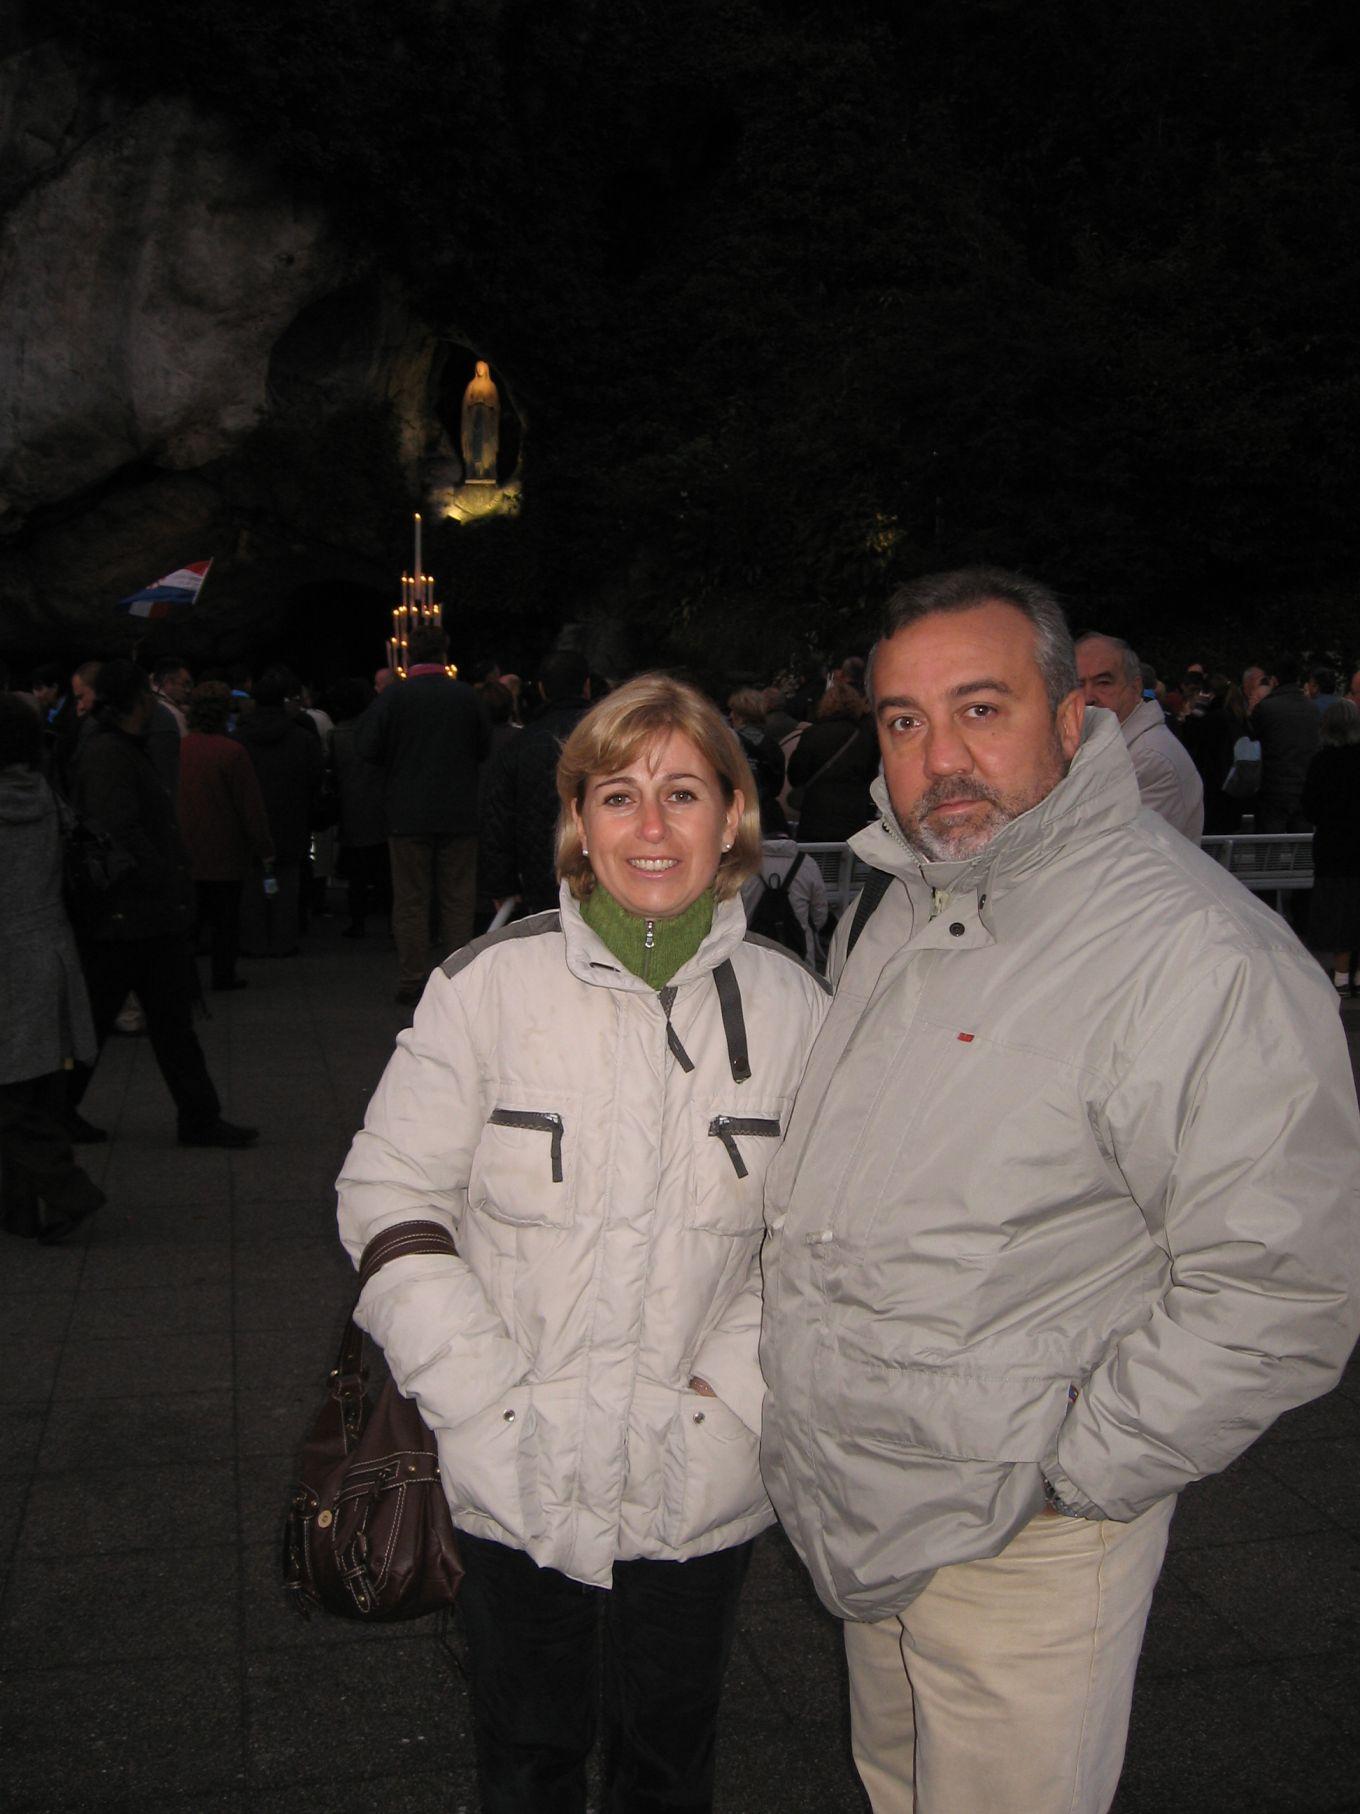 Lourdes-2008-10-27--08.28.12.jpg